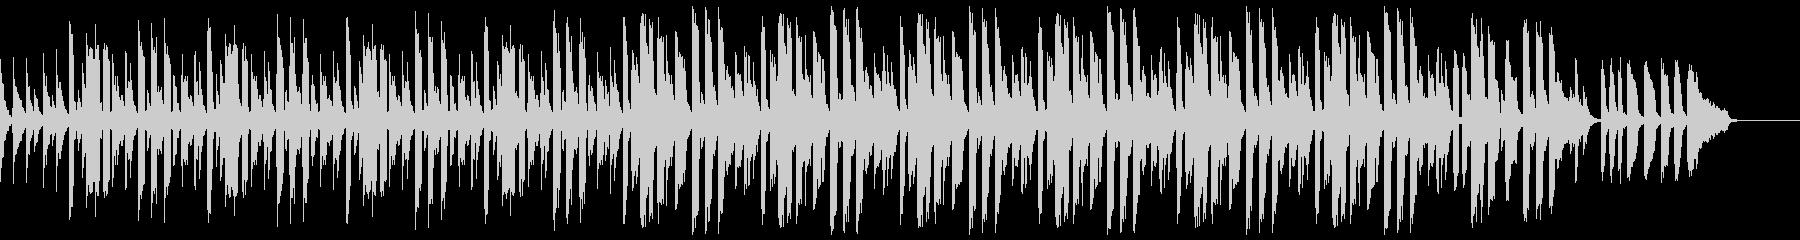 bpm80スローテンポノービートverの未再生の波形